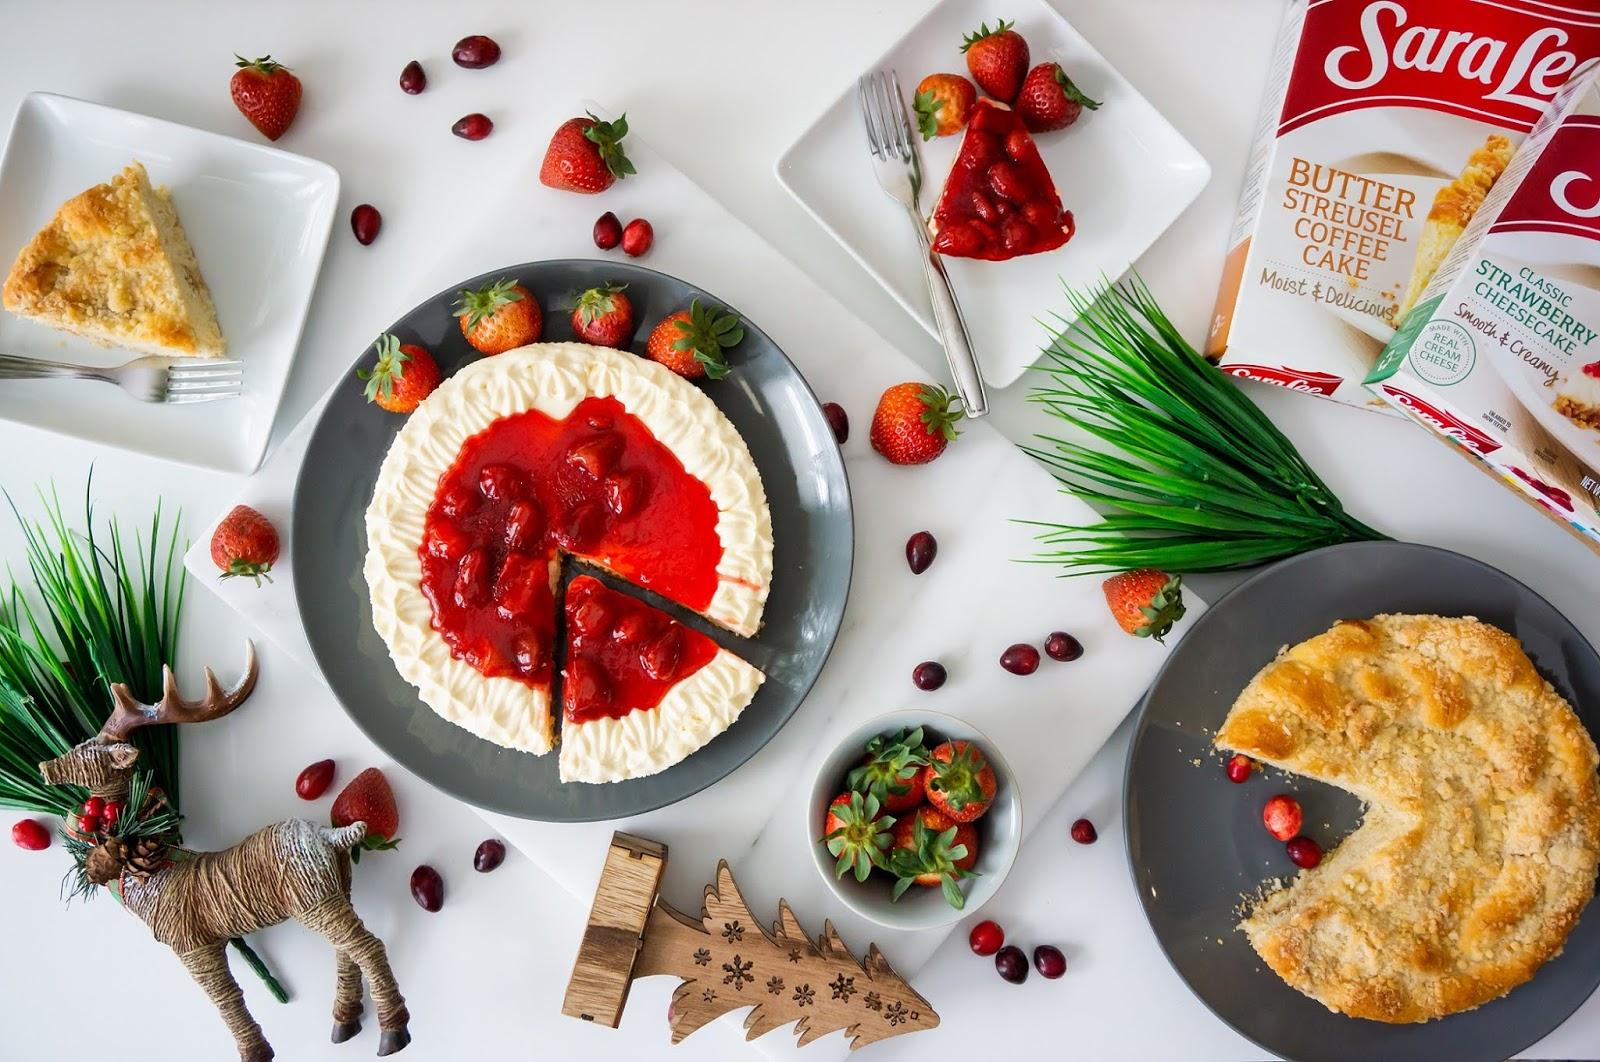 Sara Lee Desserts: Celebrating Holiday Favorites Together